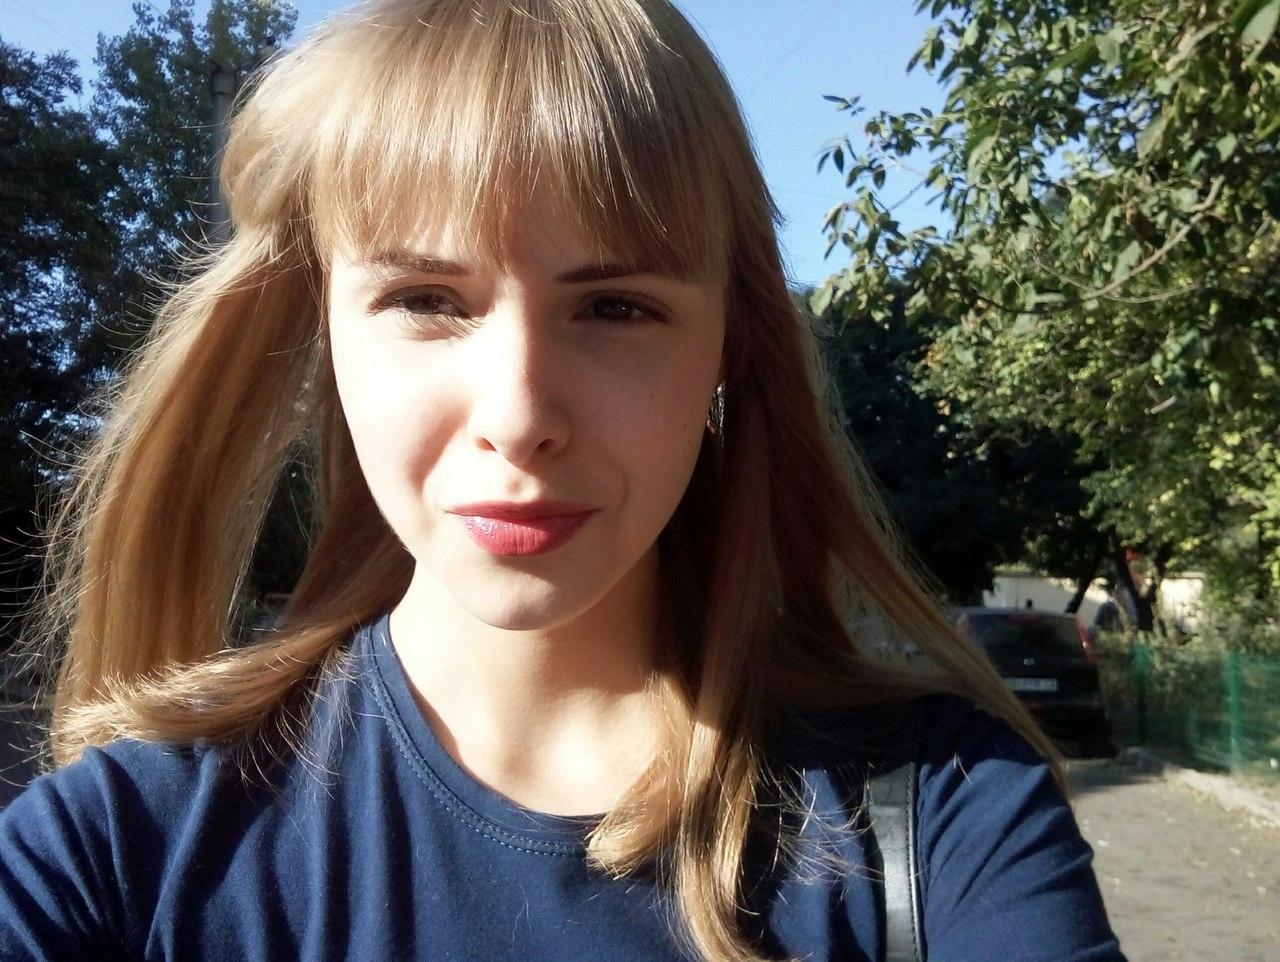 14 березня Image: В Одесі зникла 14-річна дівчинка